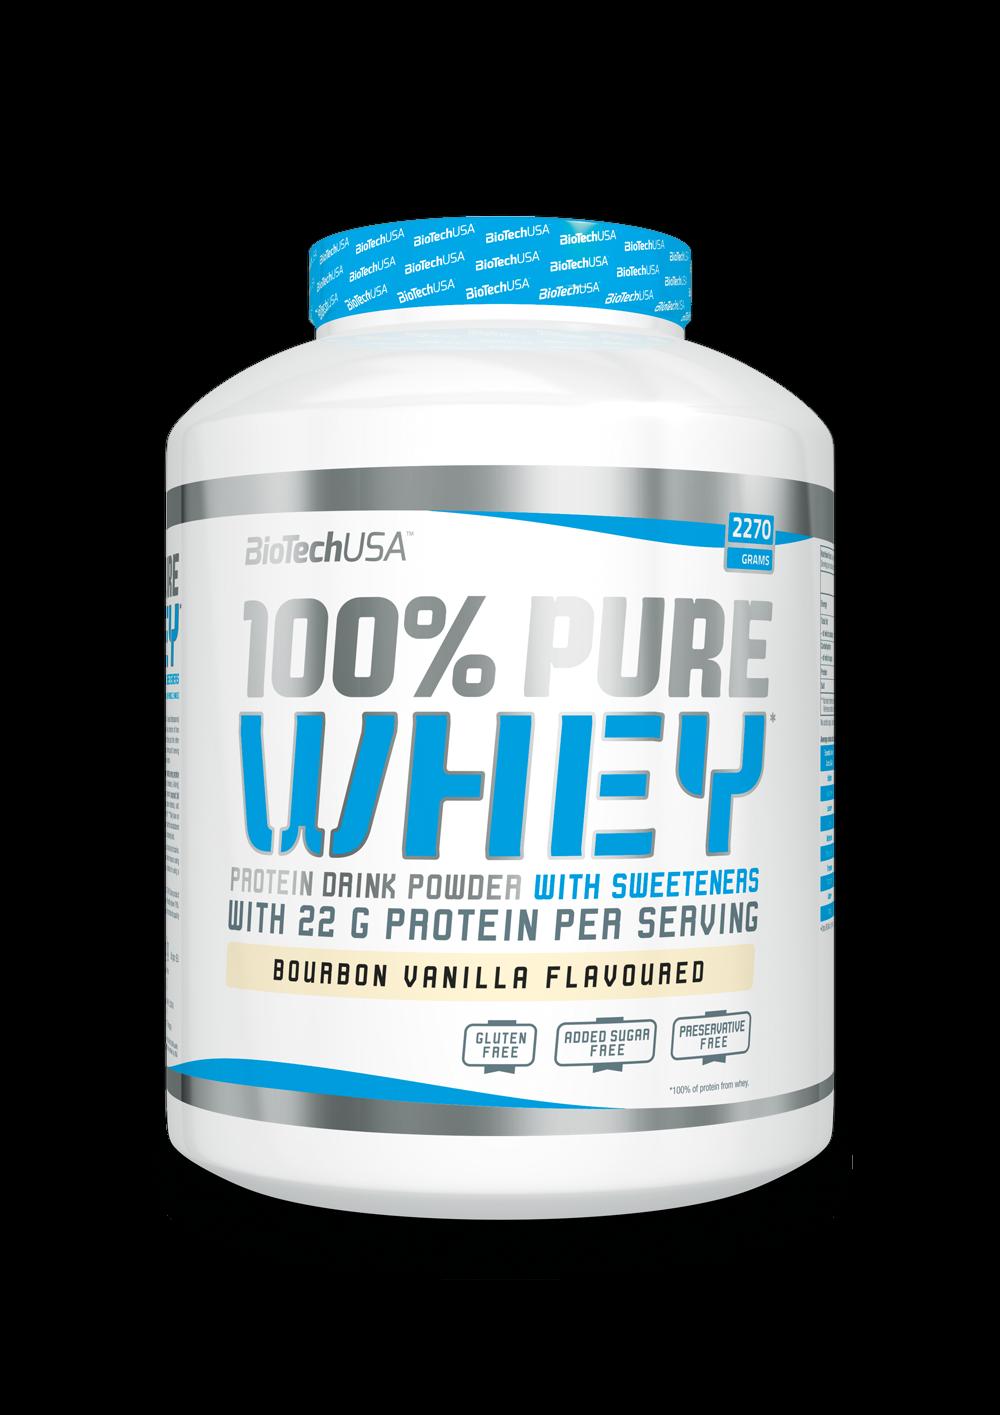 BioTechUSA 100% Pure Whey Protein Eiweiß 2270g Glutenfrei Molkenprotein + BONUS